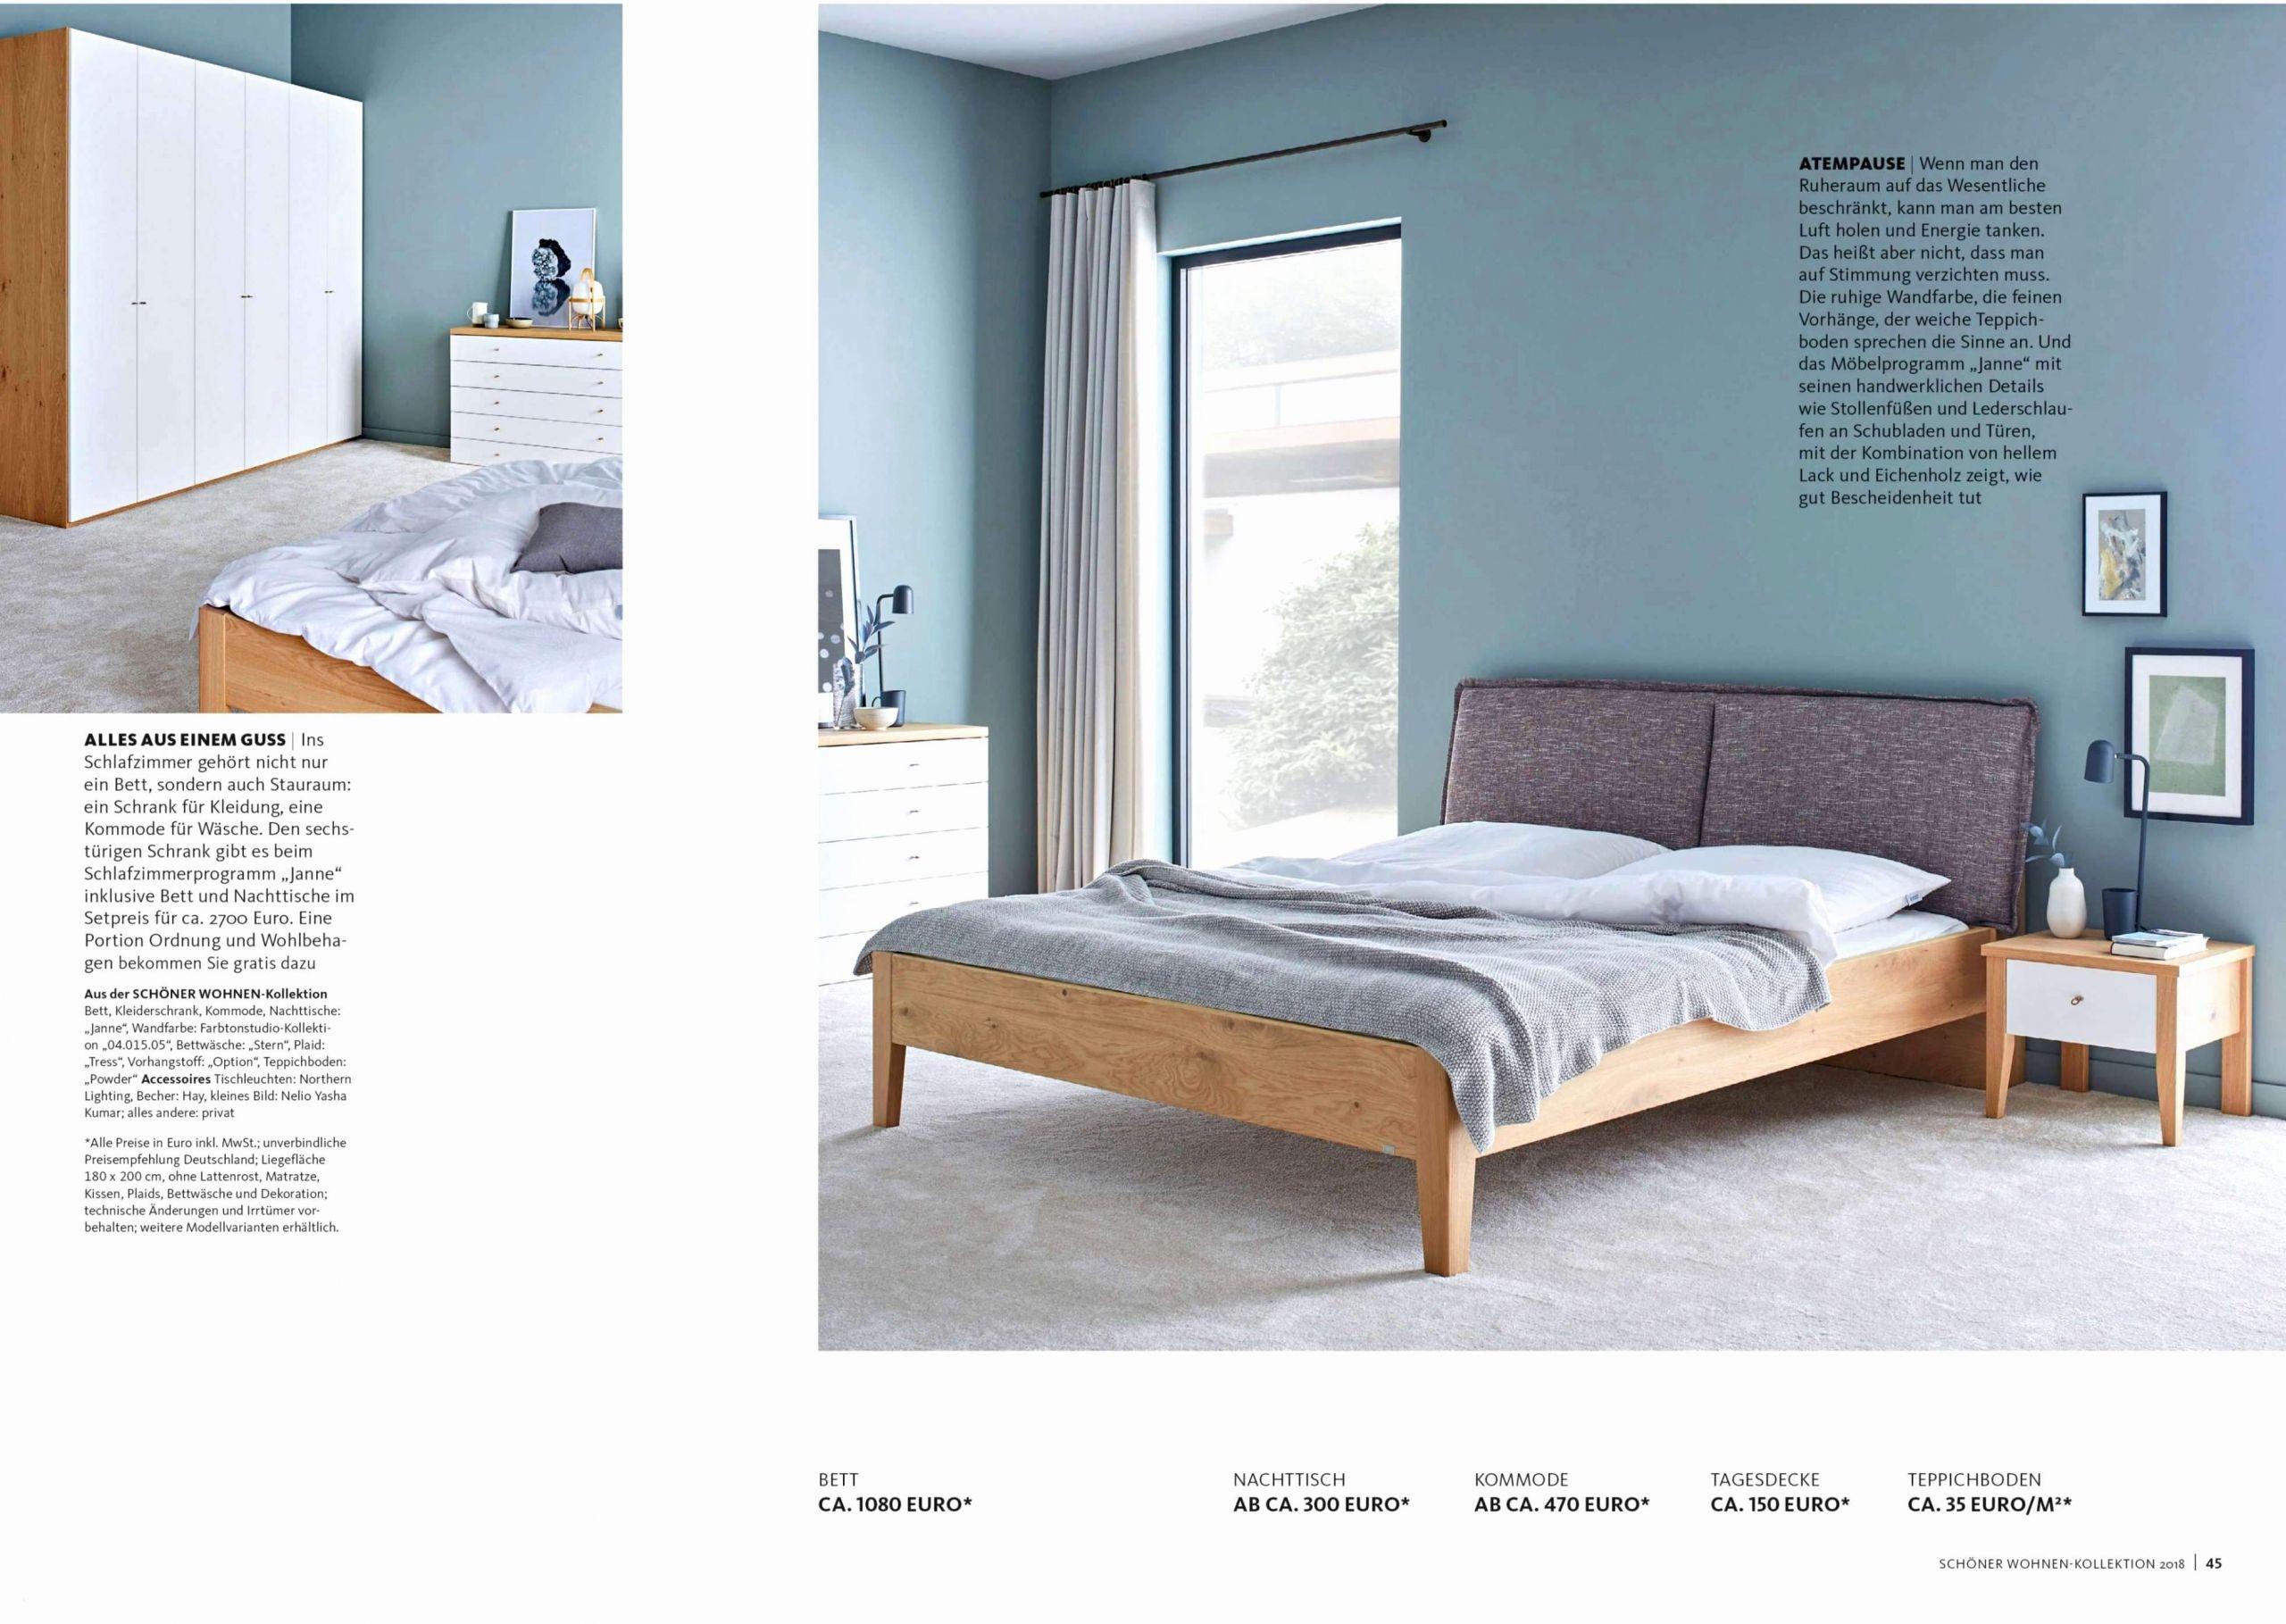 beste musikanlage wohnzimmer schon 33 neu wandfarben ideen schlafzimmer of beste musikanlage wohnzimmer scaled